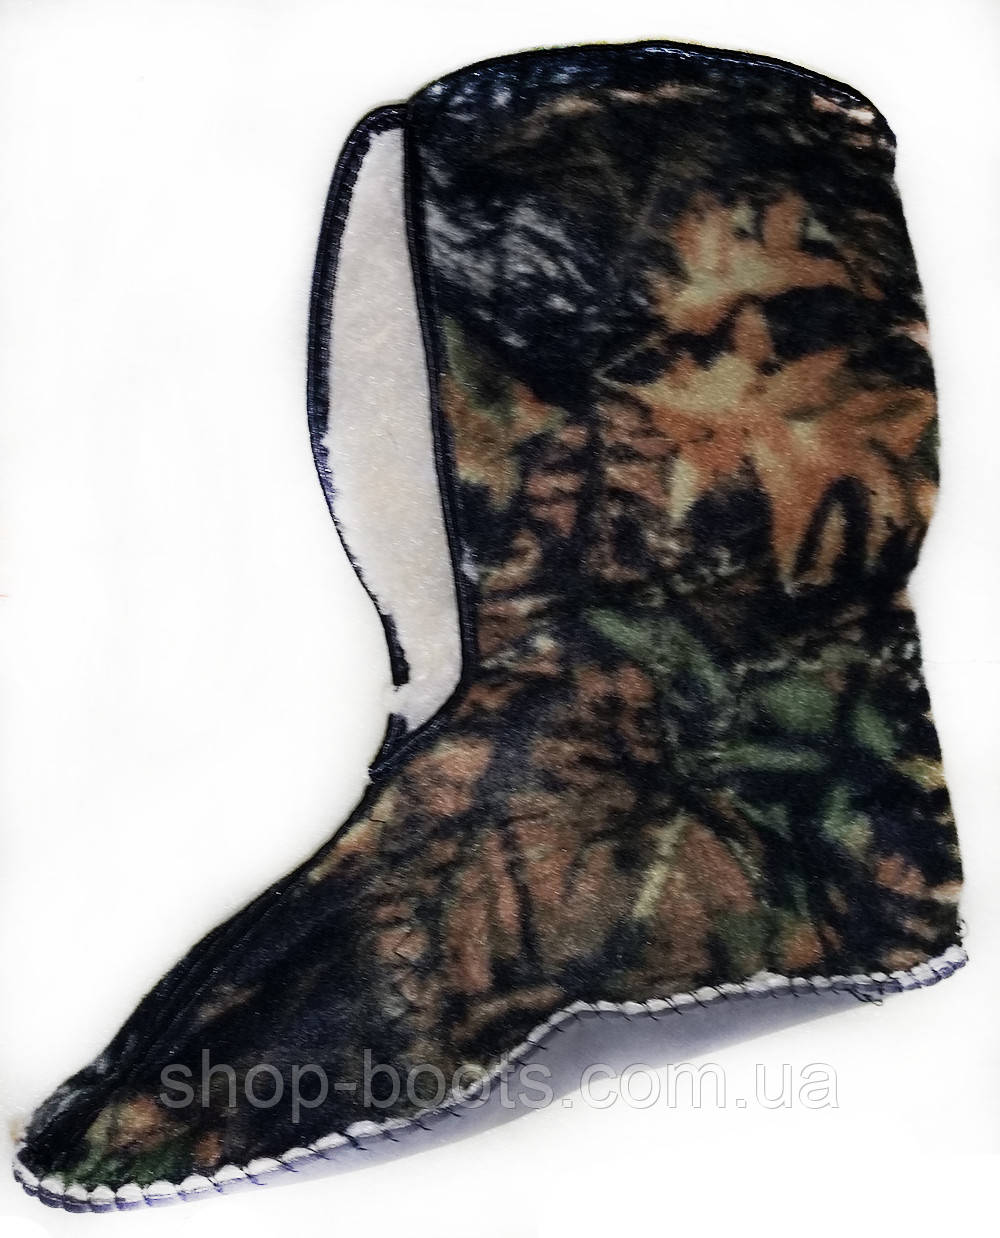 Вставки в обувь (длиная). Размеры 41-46. Модель вставки длинные